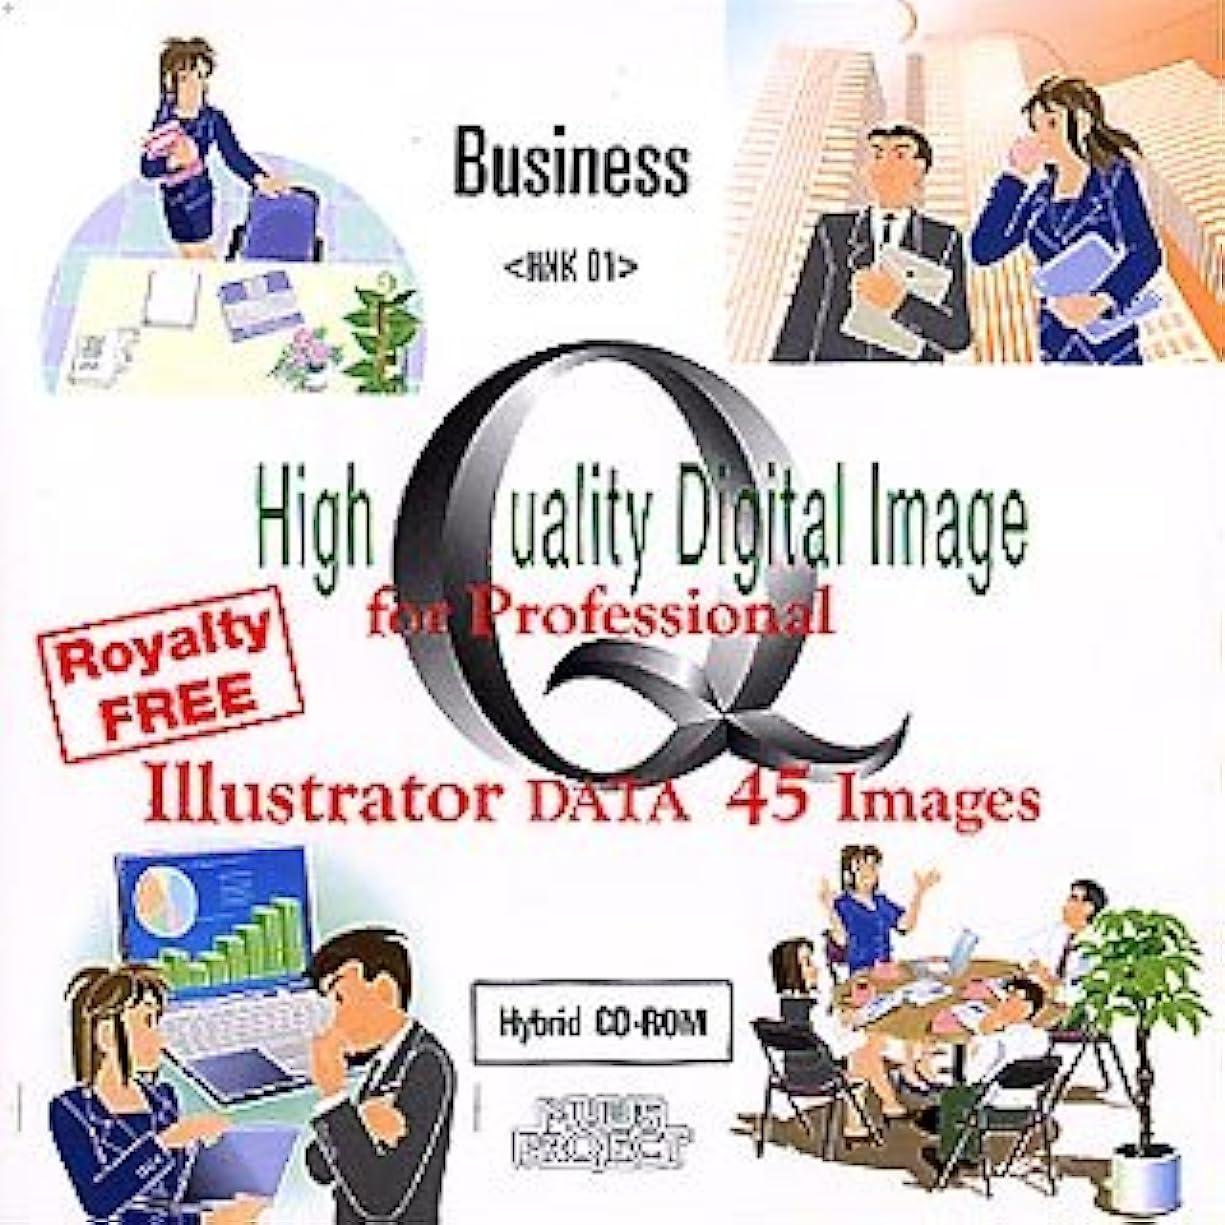 把握妖精石鹸High Quality Digital Image for Professional Business<HNK 01>